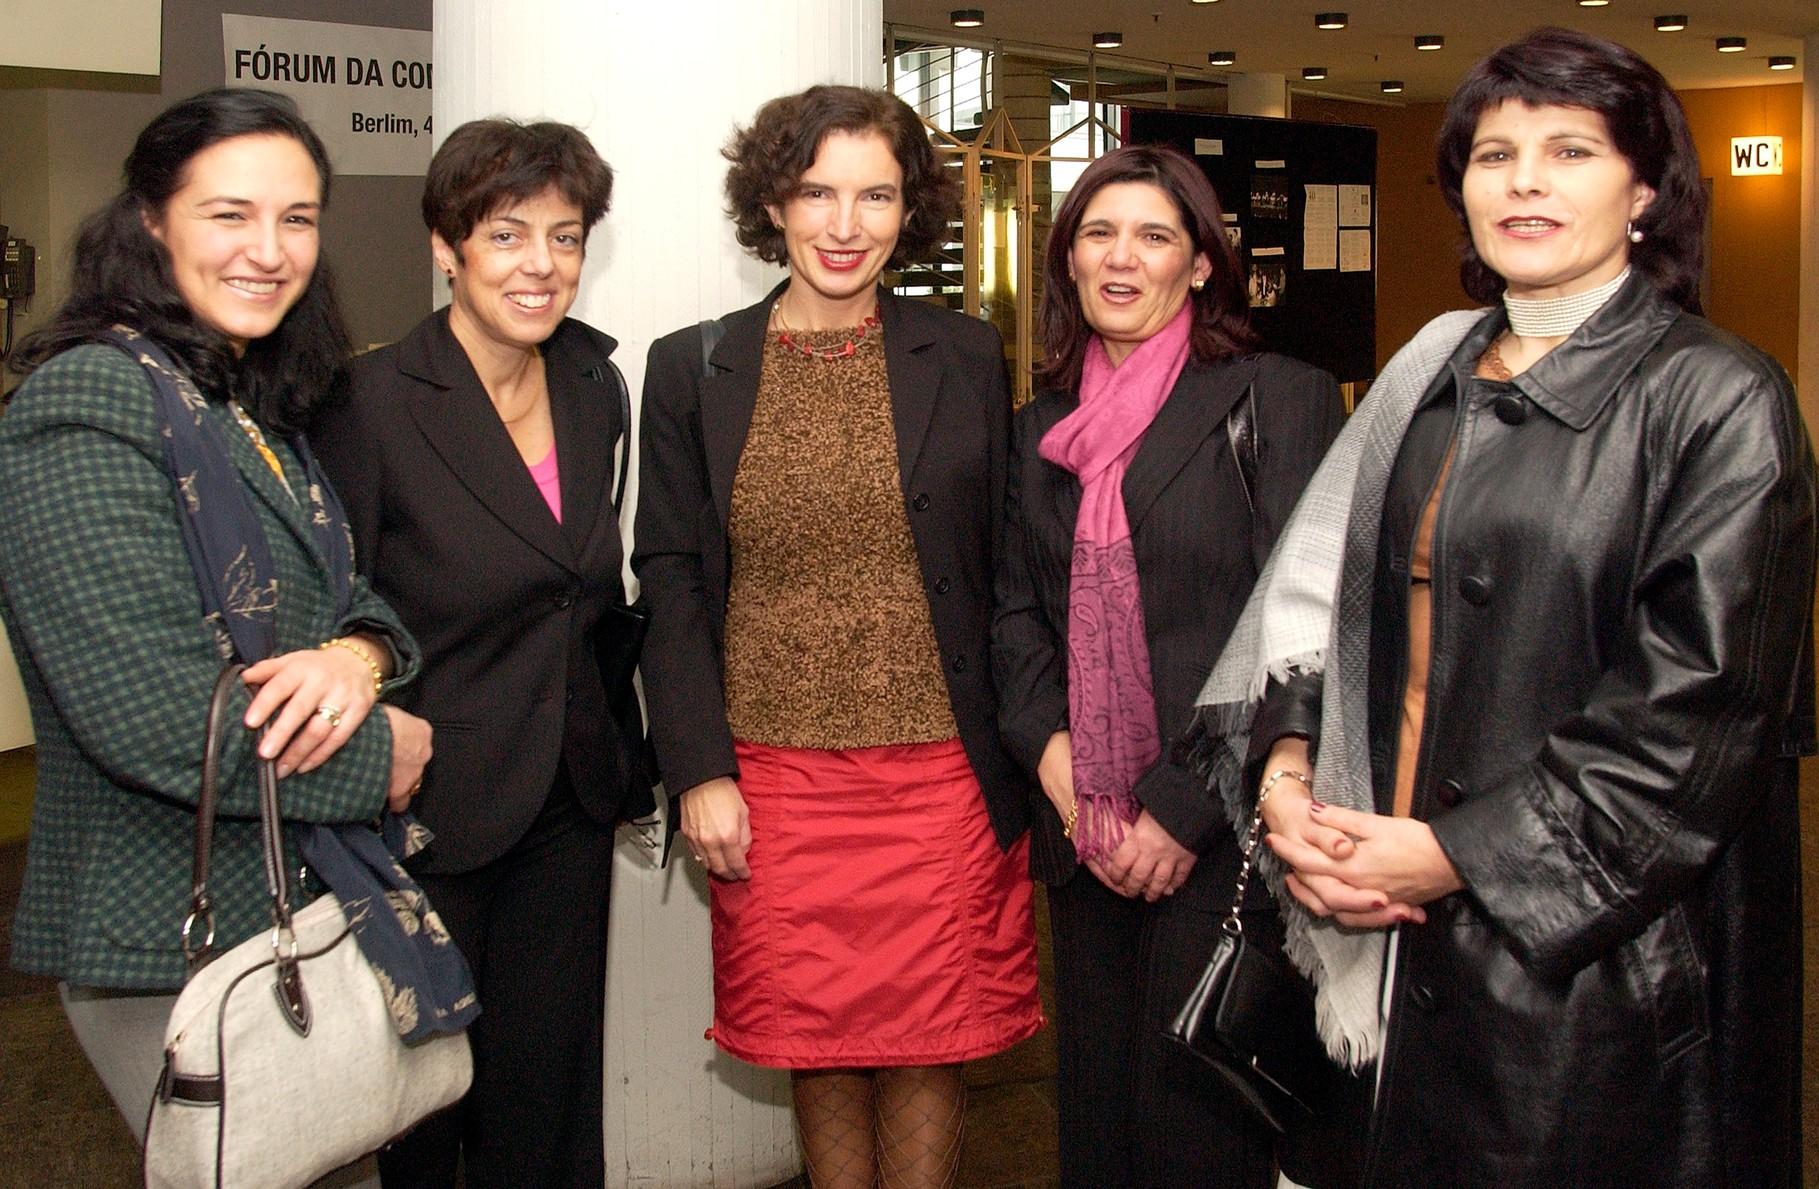 Professoras nas comemorações dos quarenta anos da Comunidade portuguesa da Alemanha em Berlim, 2004